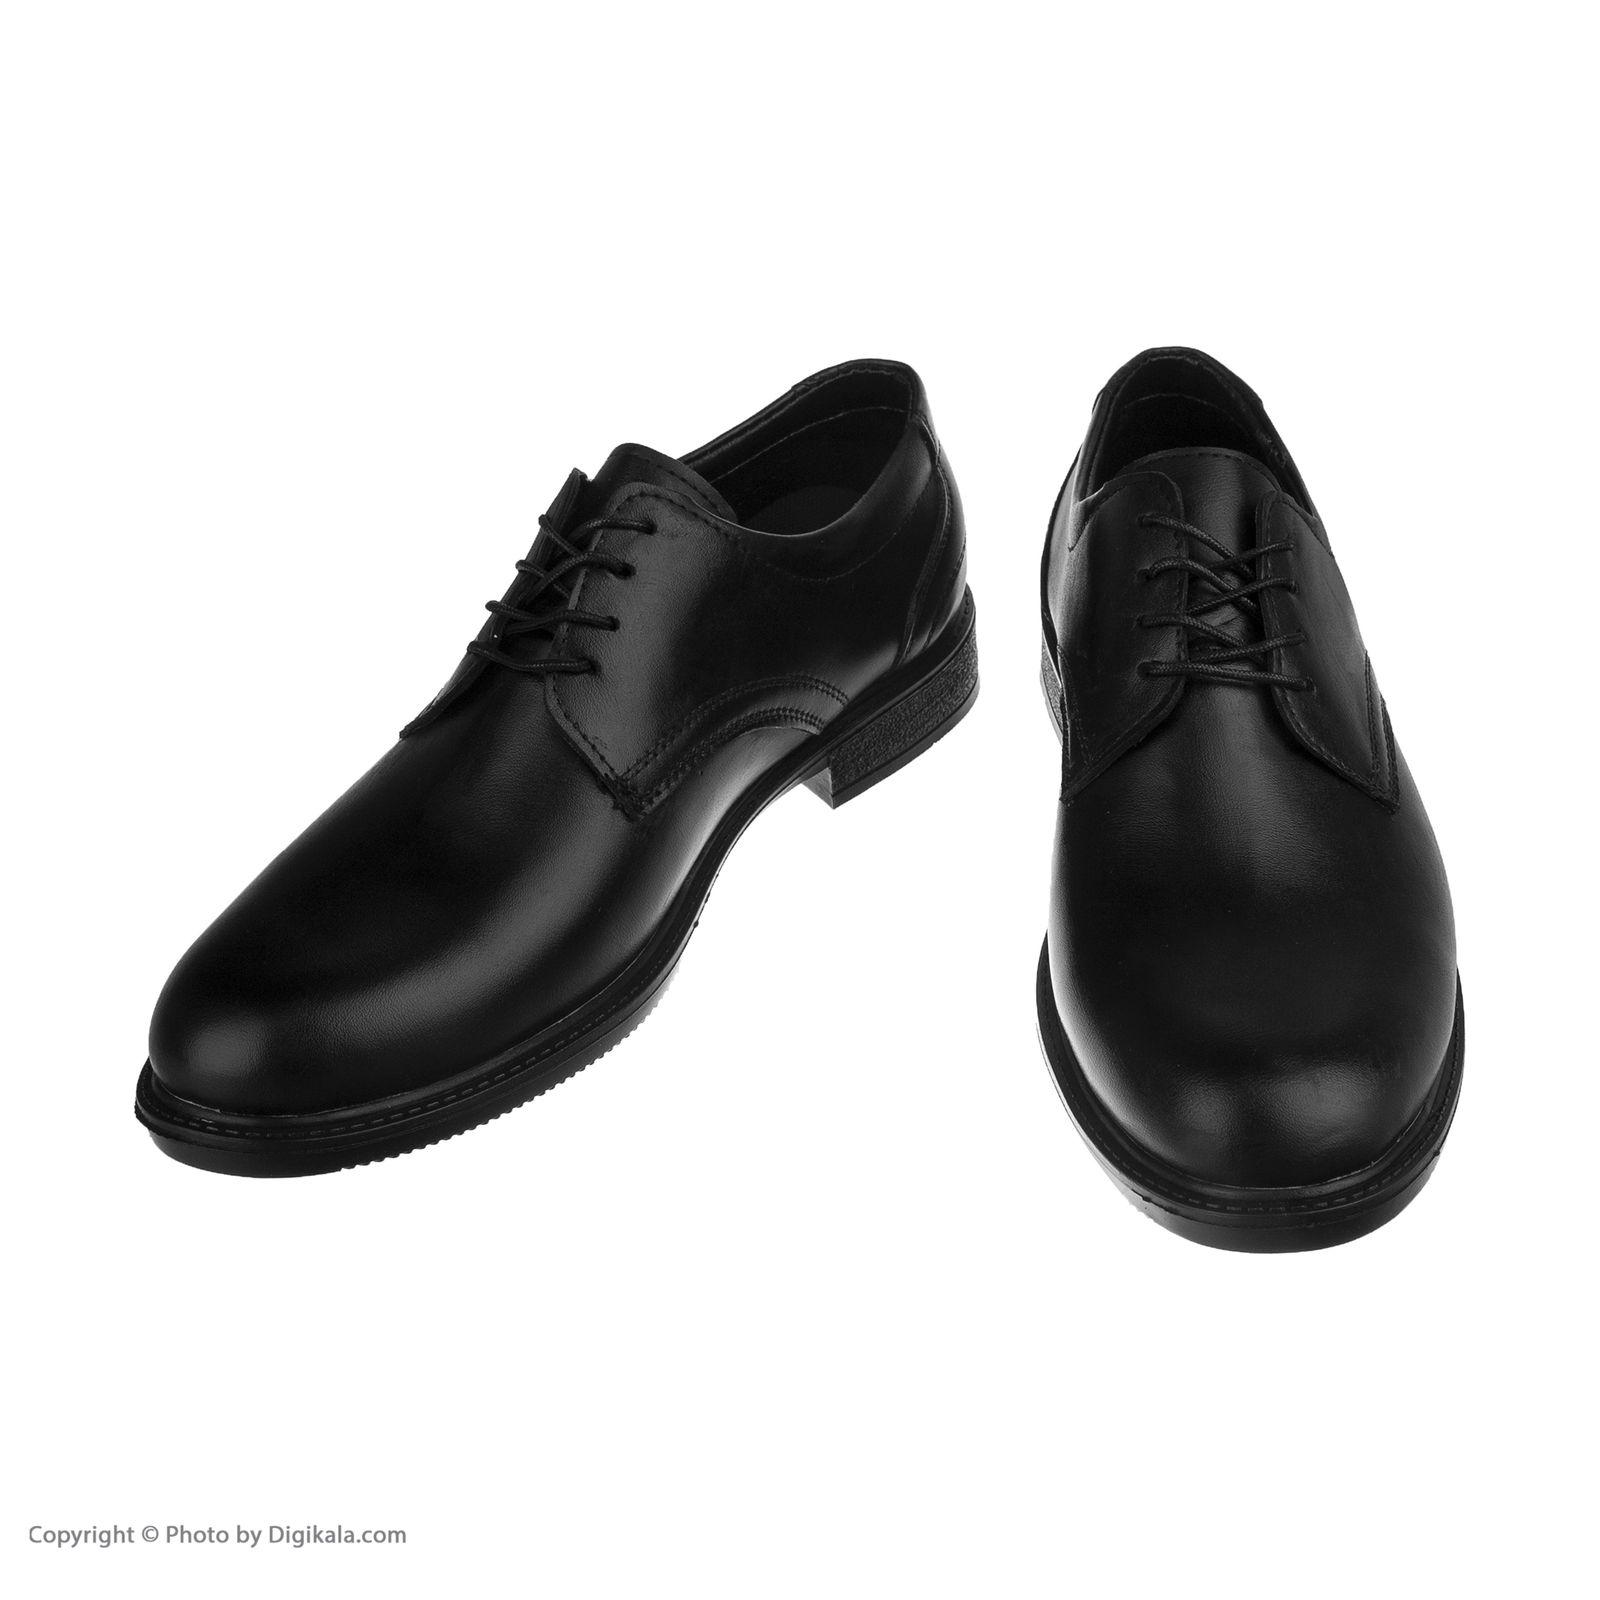 کفش مردانه مدل k.baz.102 -  - 6